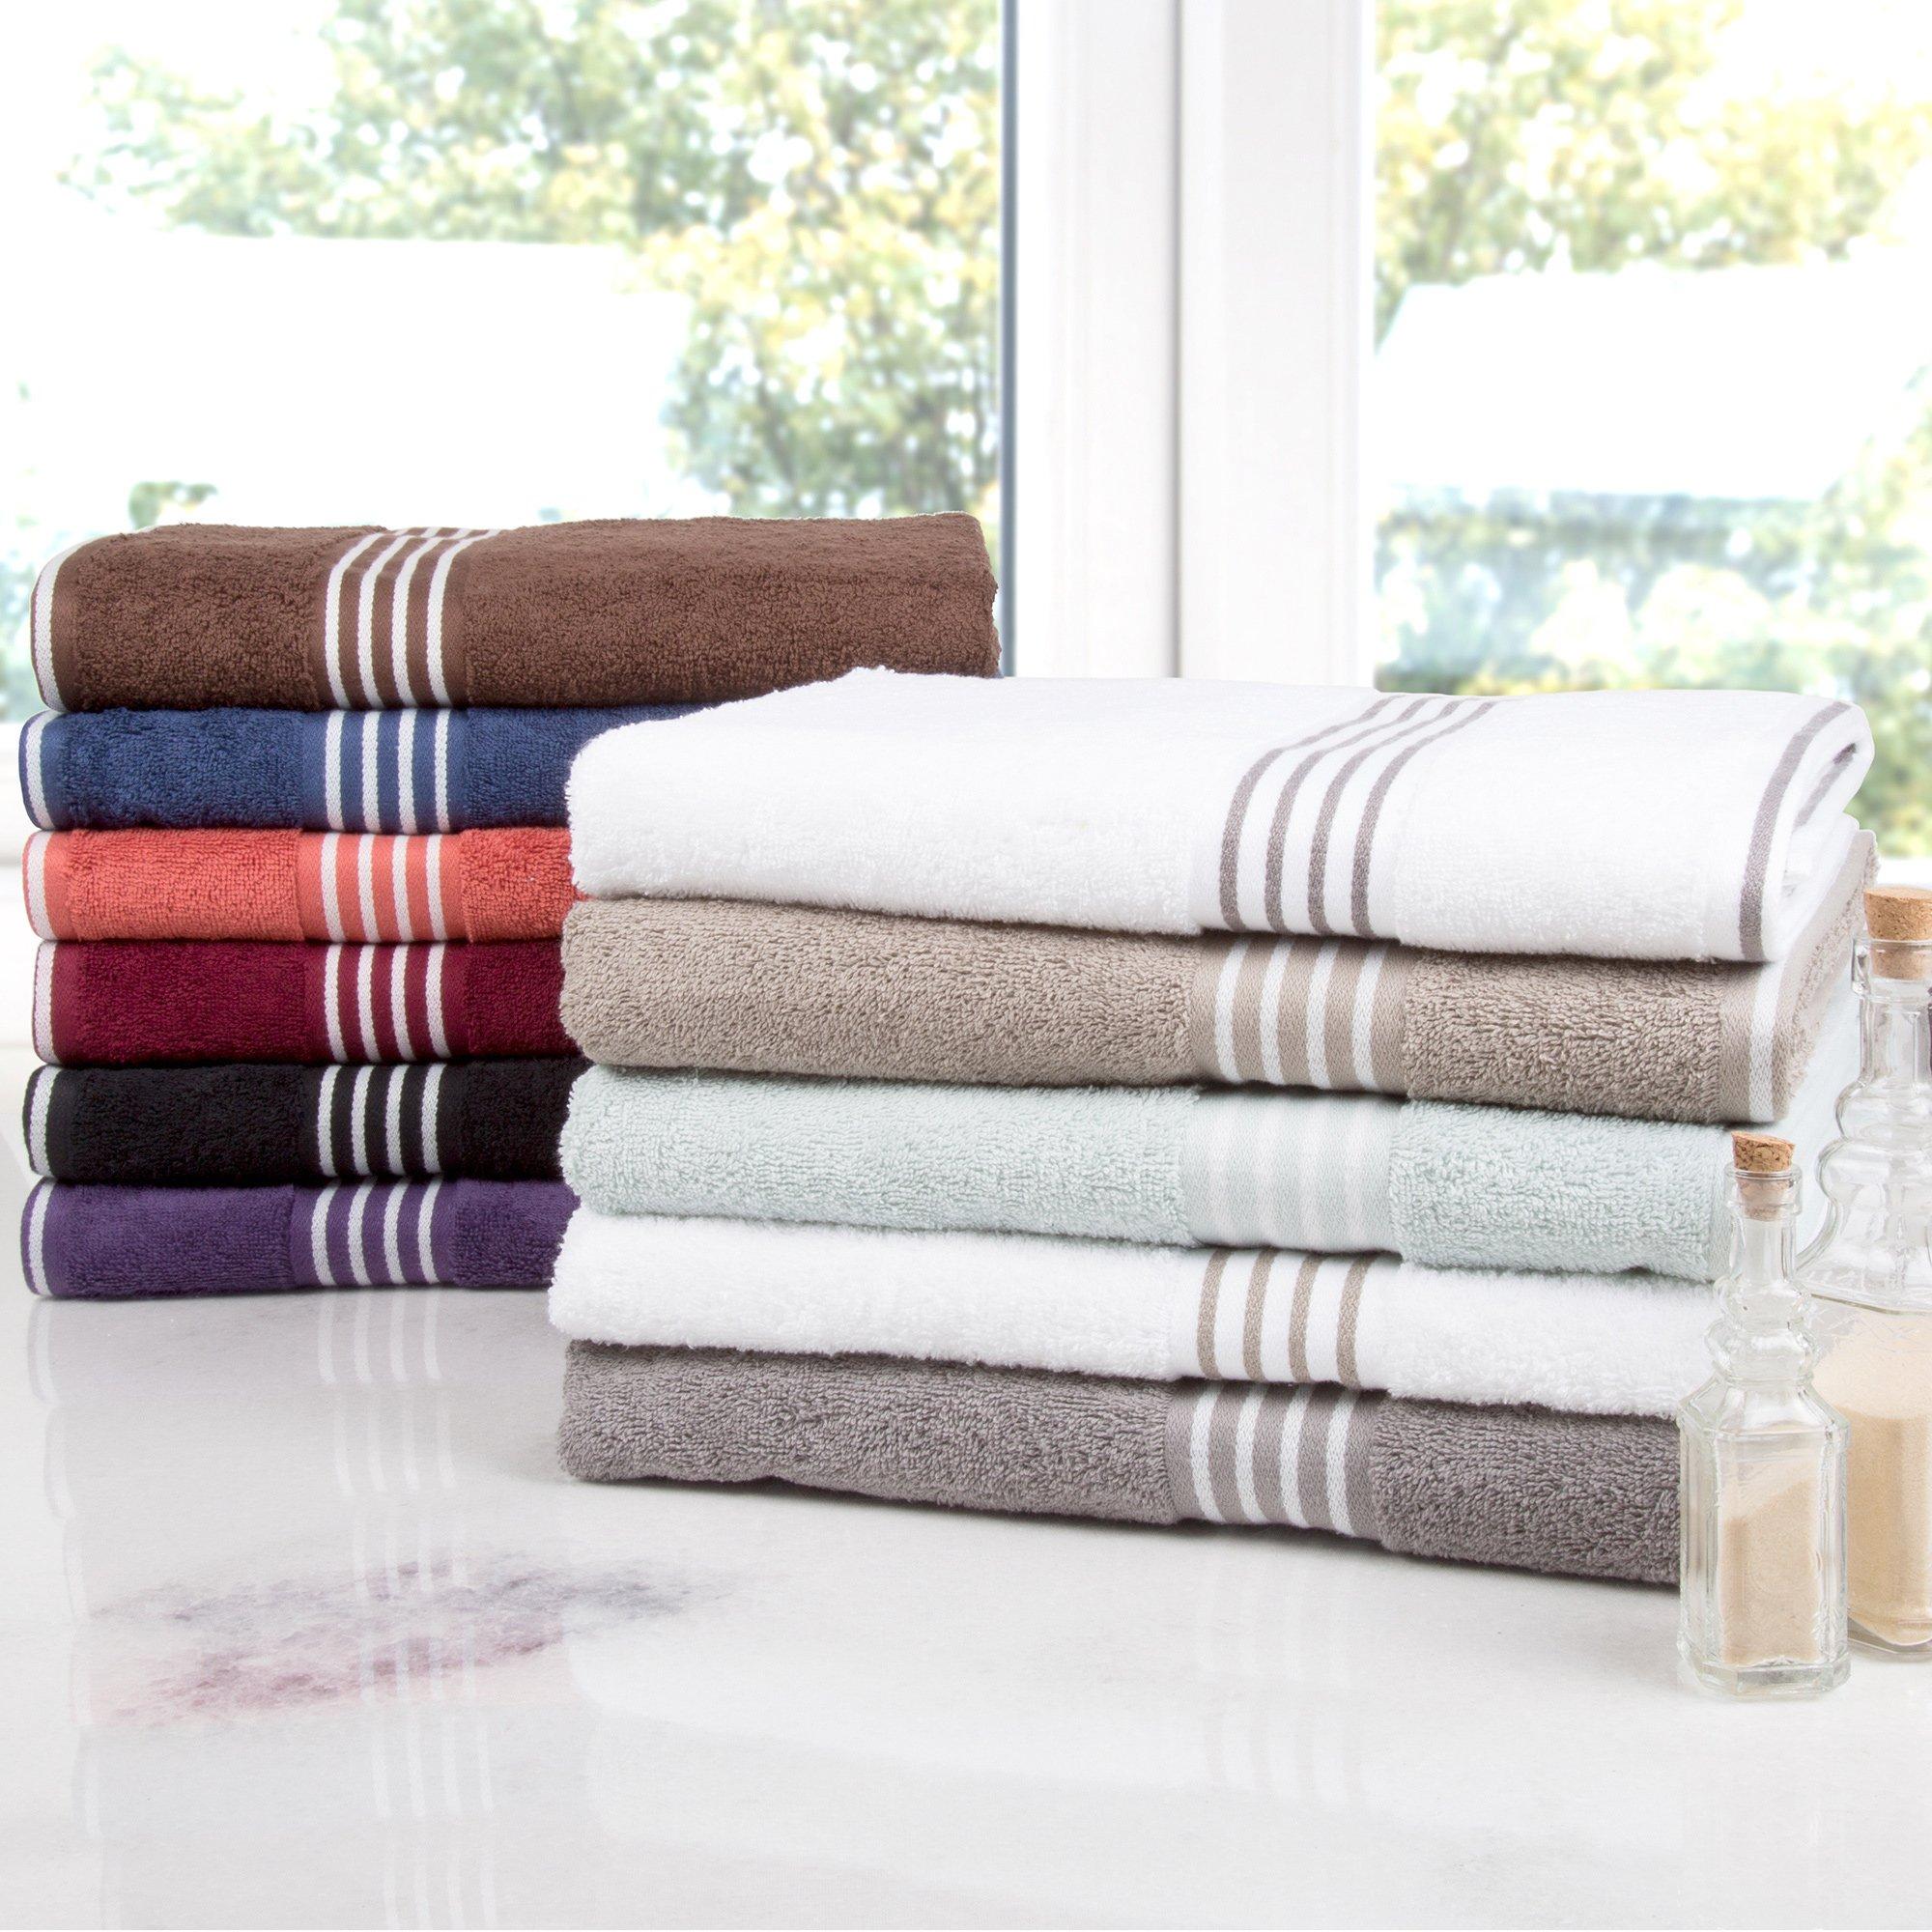 Windsor Home Rio 8 Piece Cotton Towel Set Towel Set Striped